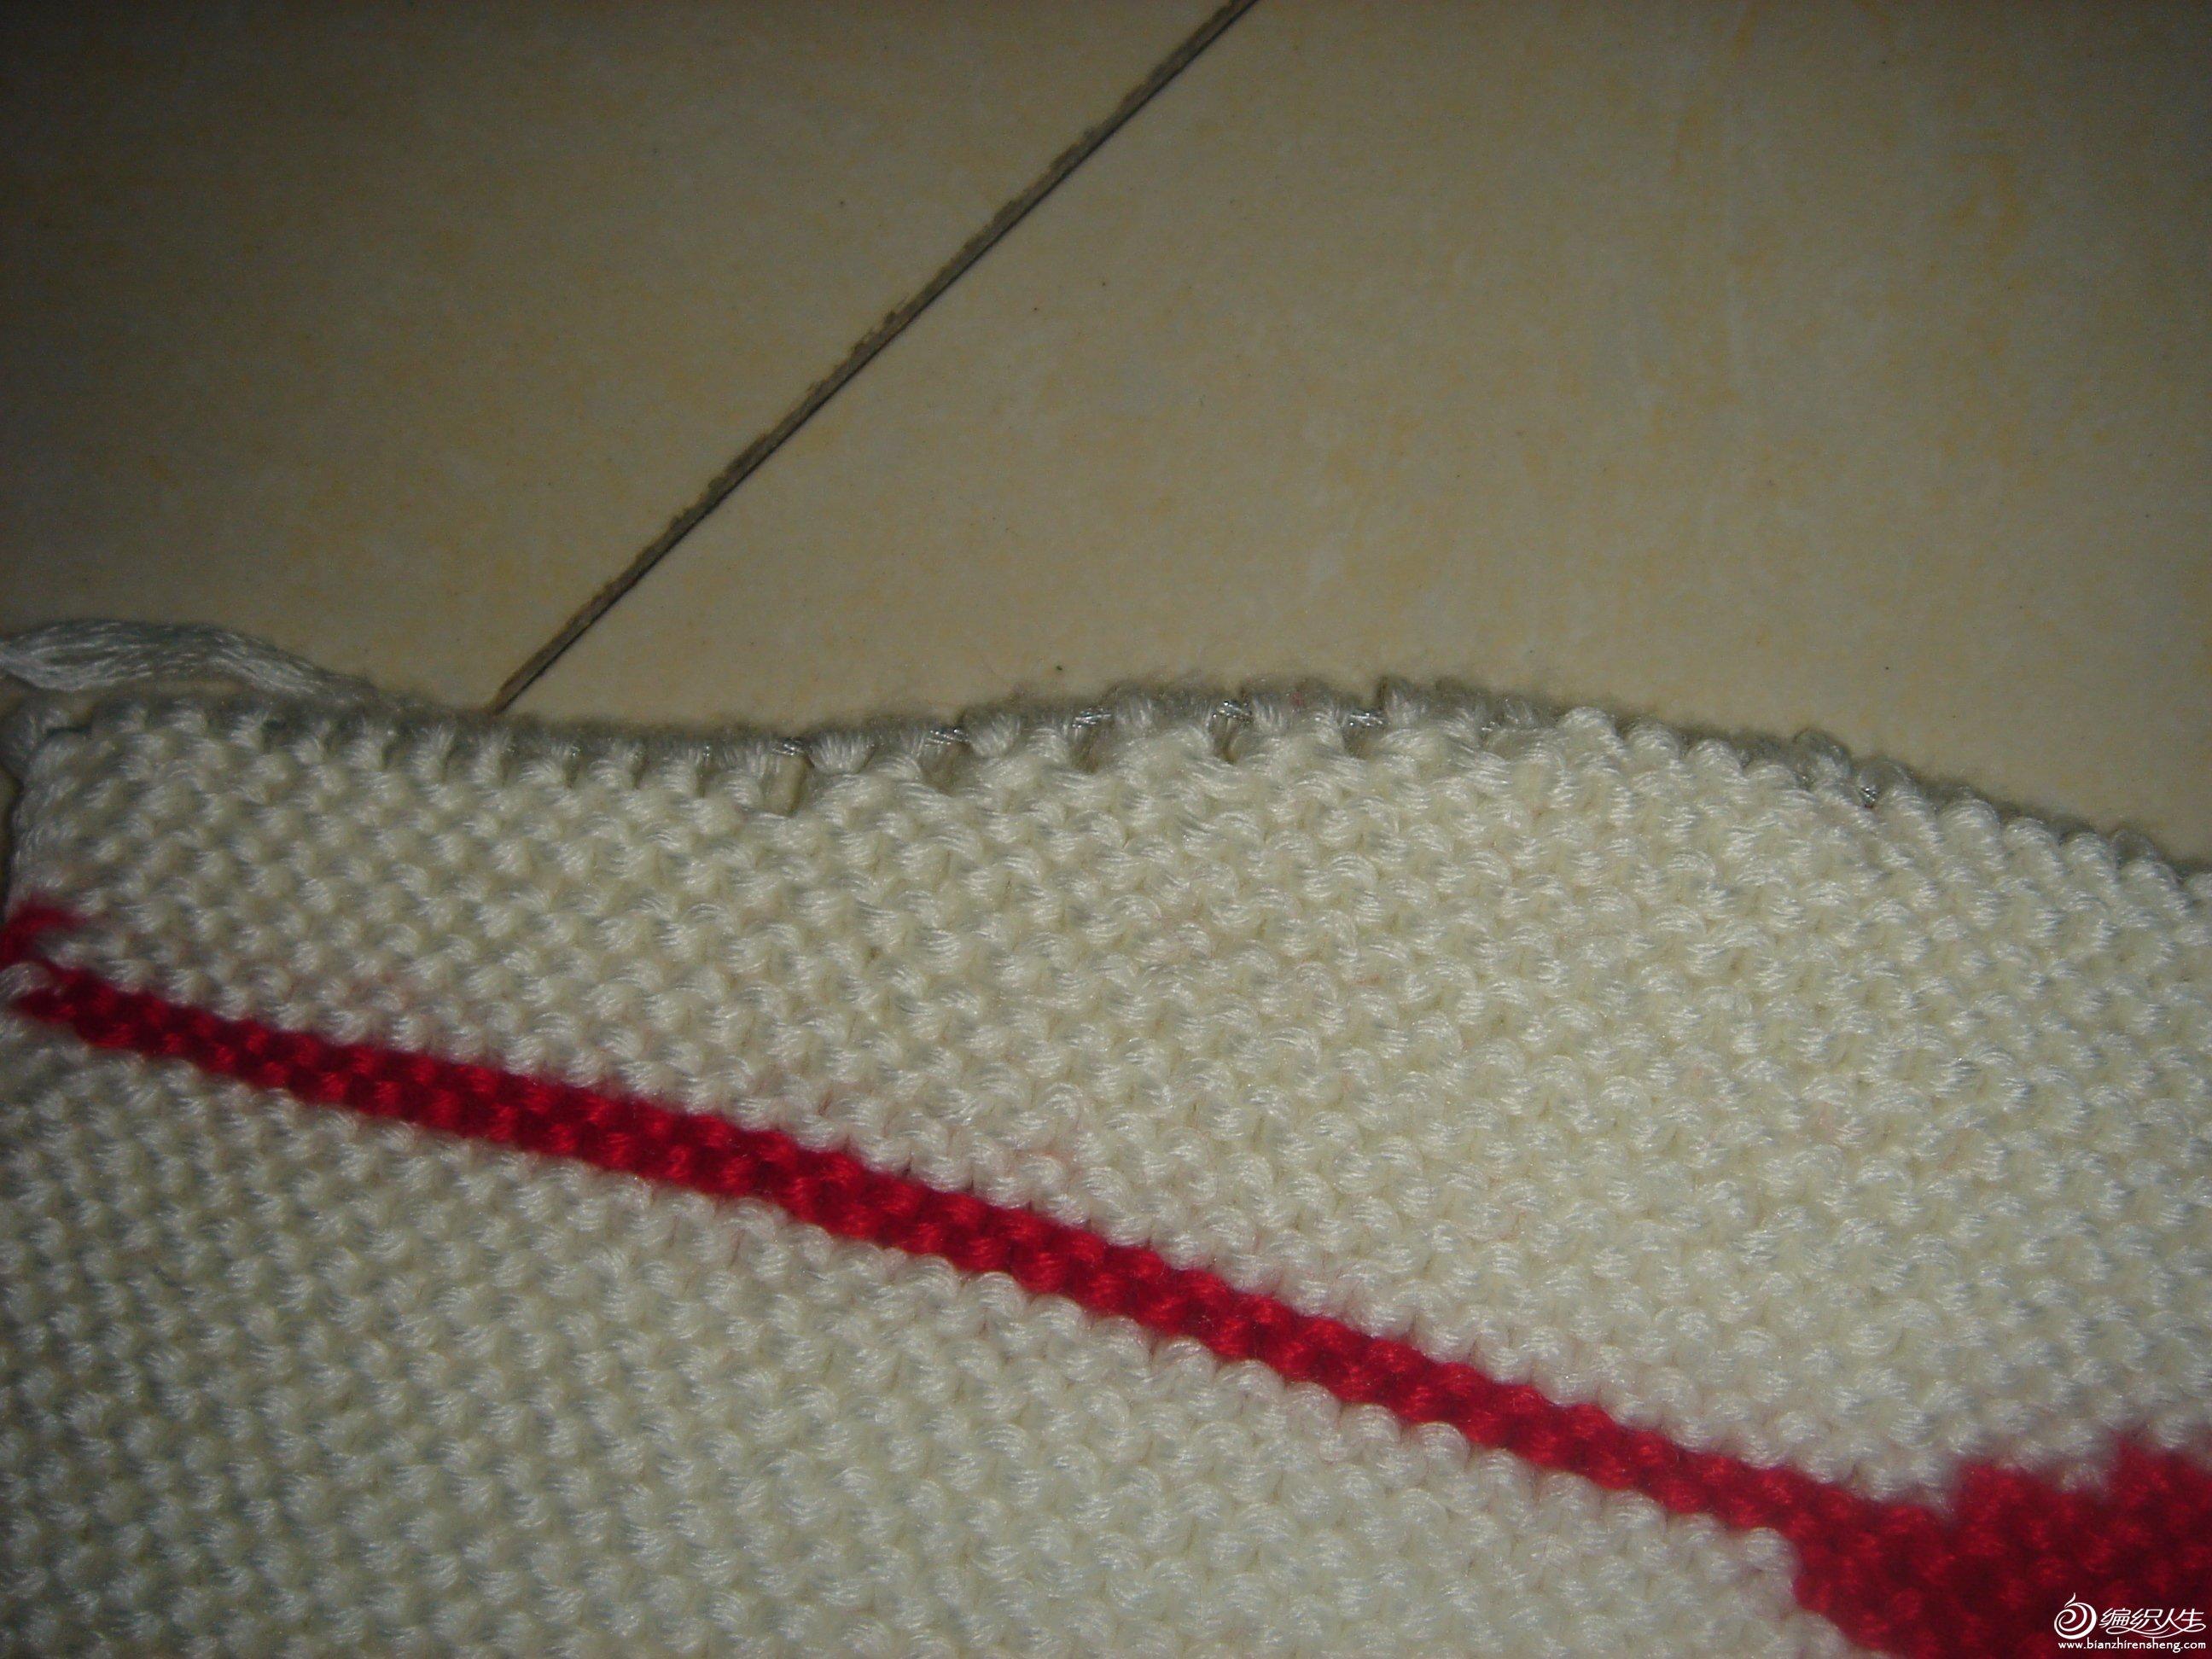 白线搓板针织11个来回,再用红线依次往前推,还是织11个来回的搓板针换红线只一个来回,再重新织花